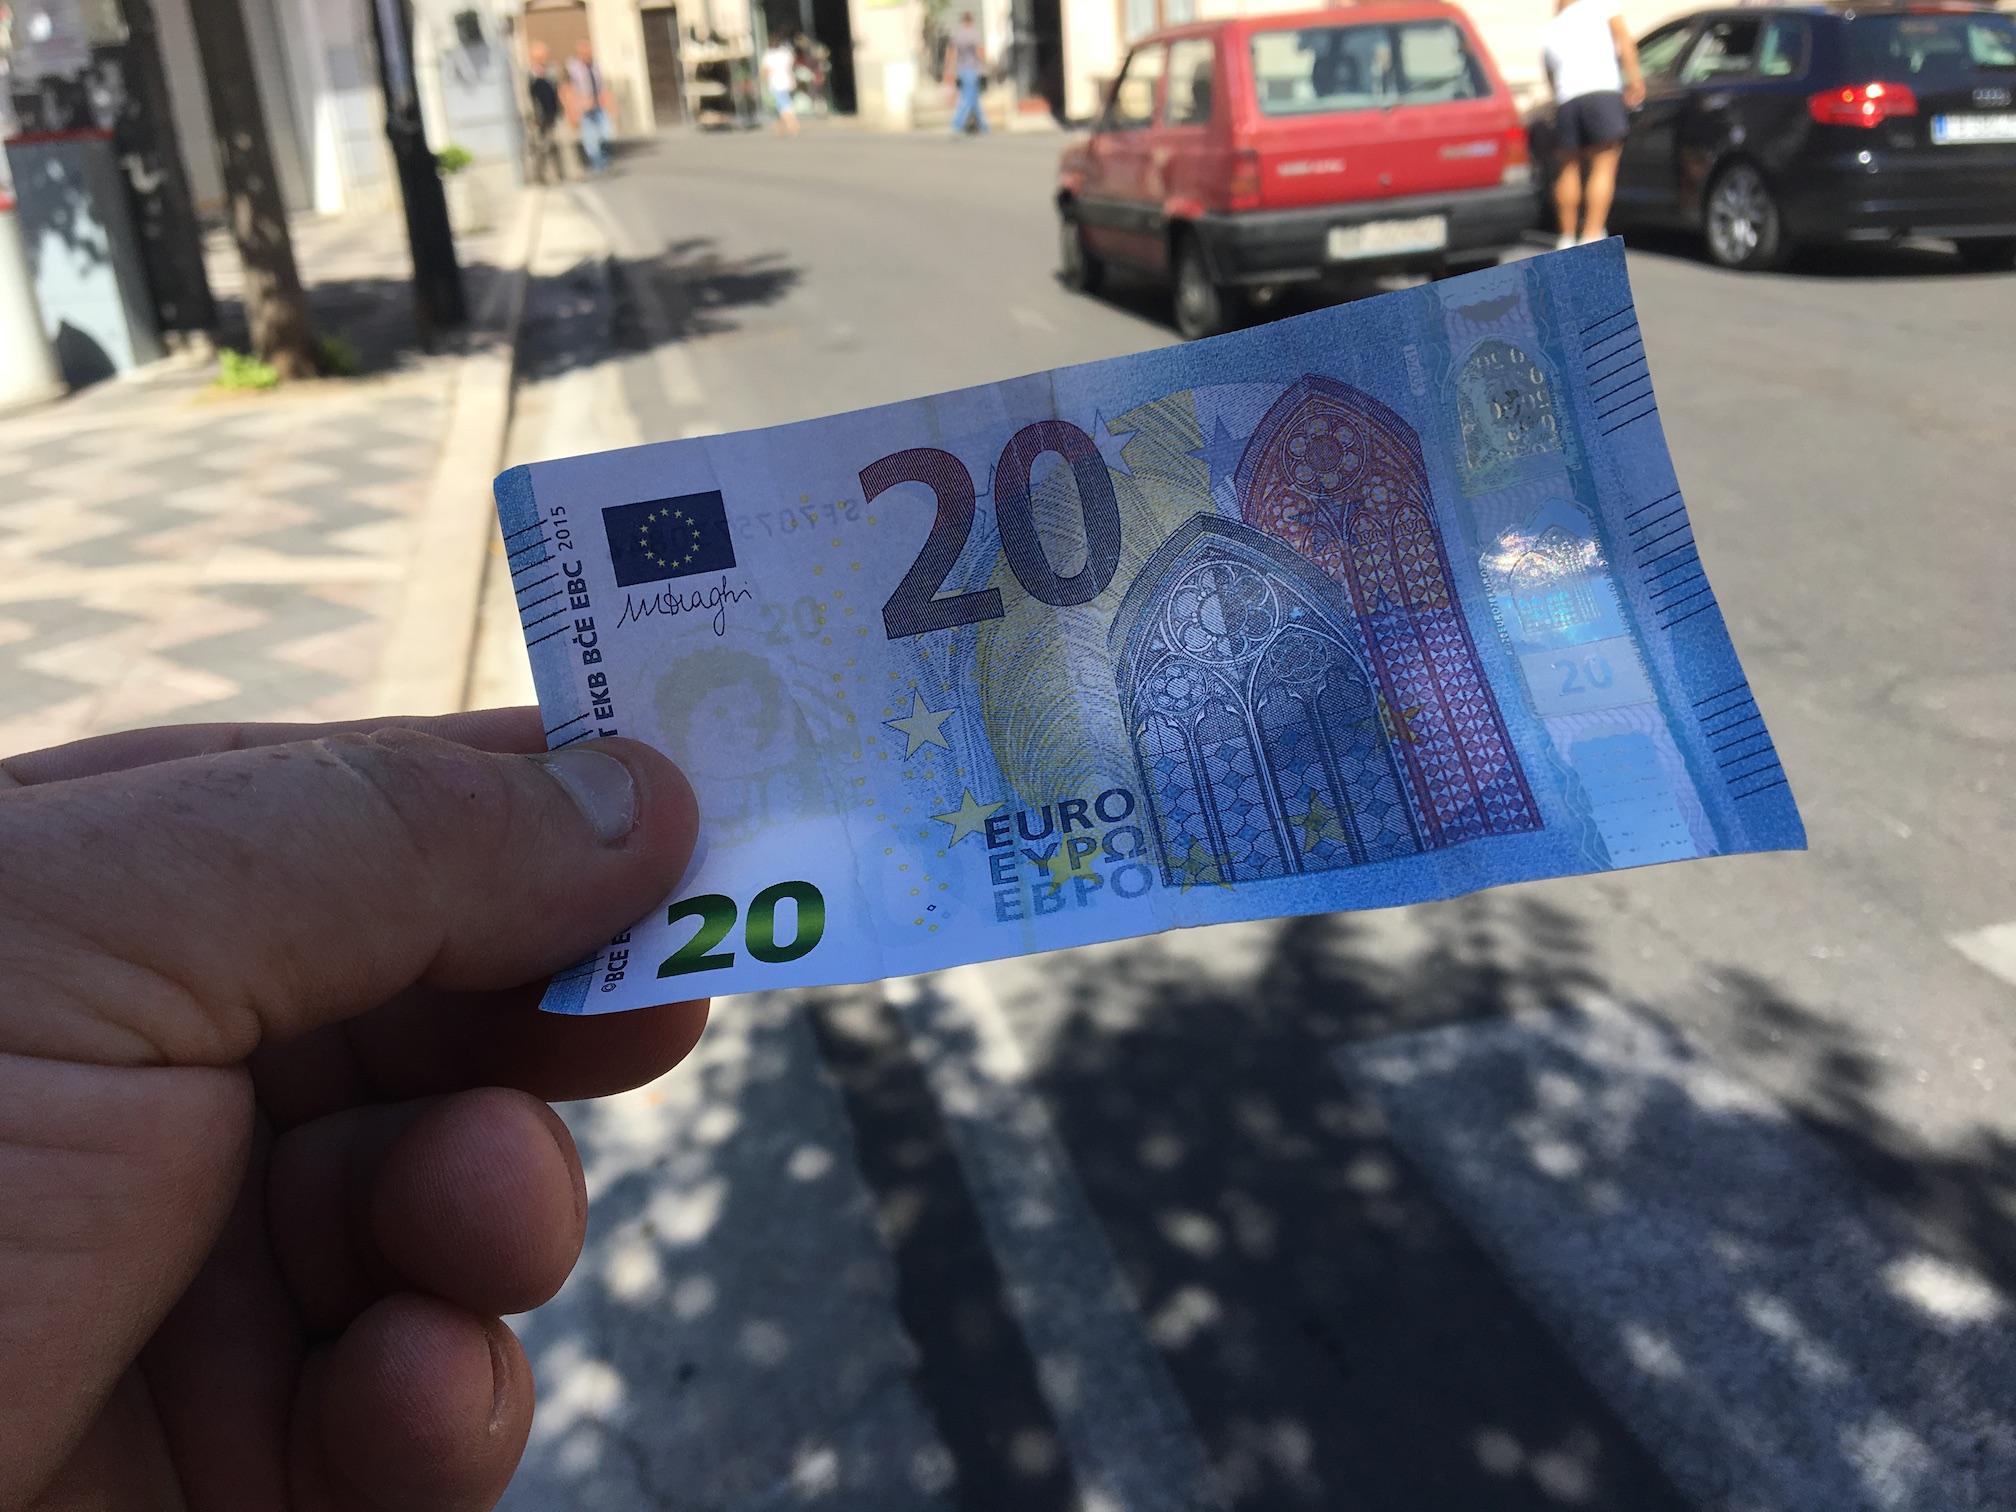 Sorpresi con 70mila euro in banconote falseDenunciati un napoletano e un calabrese